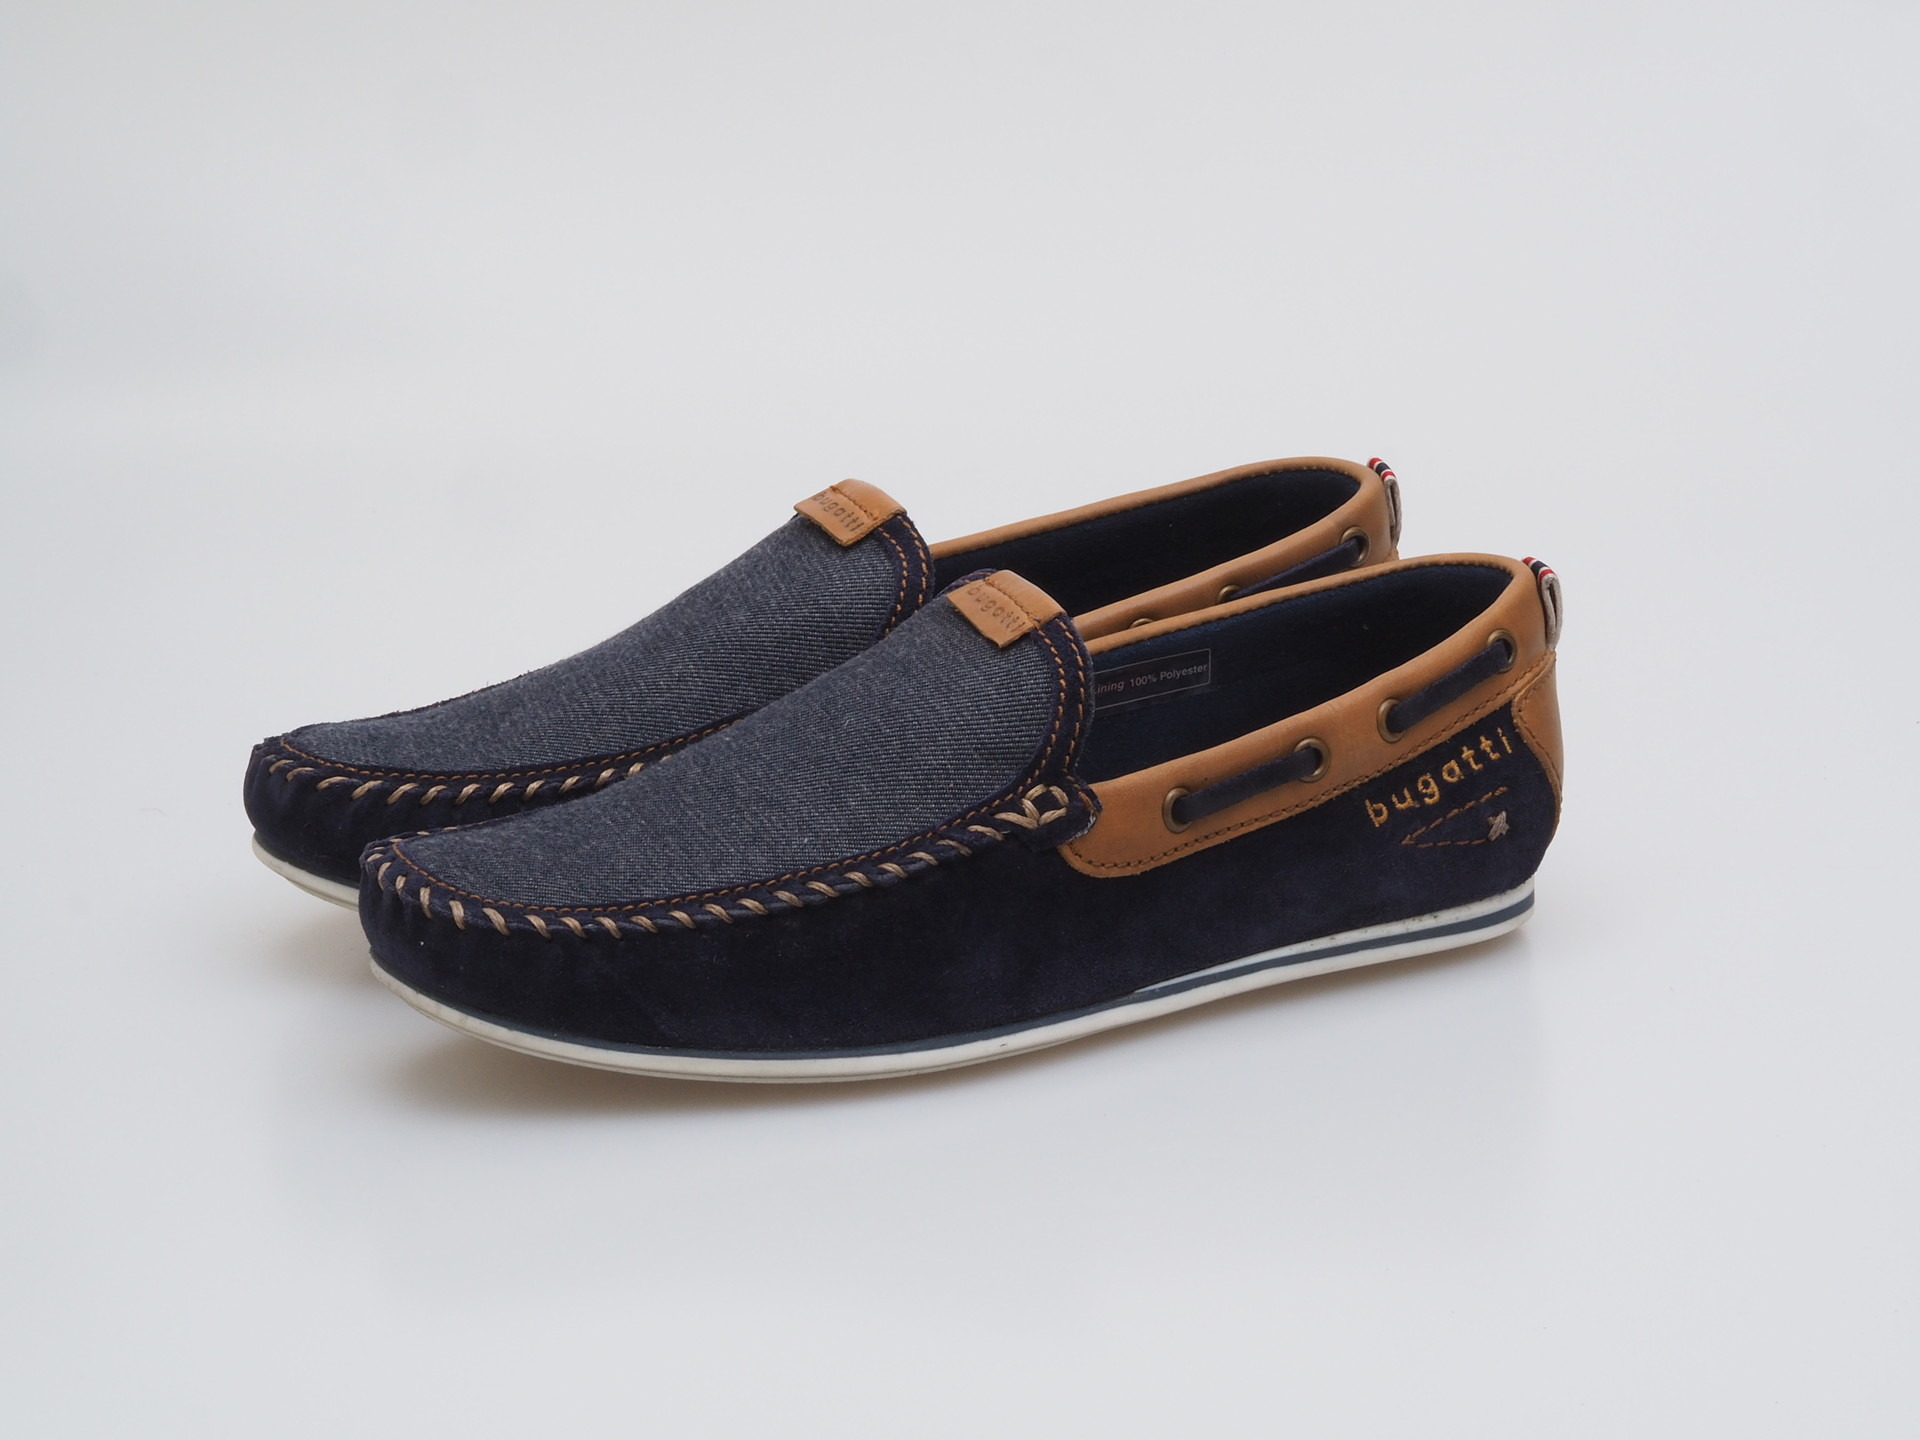 Soňa - Pánska obuv - Mokasíny - Modrá pánska mokasína značky Bugatti ac06622aa8